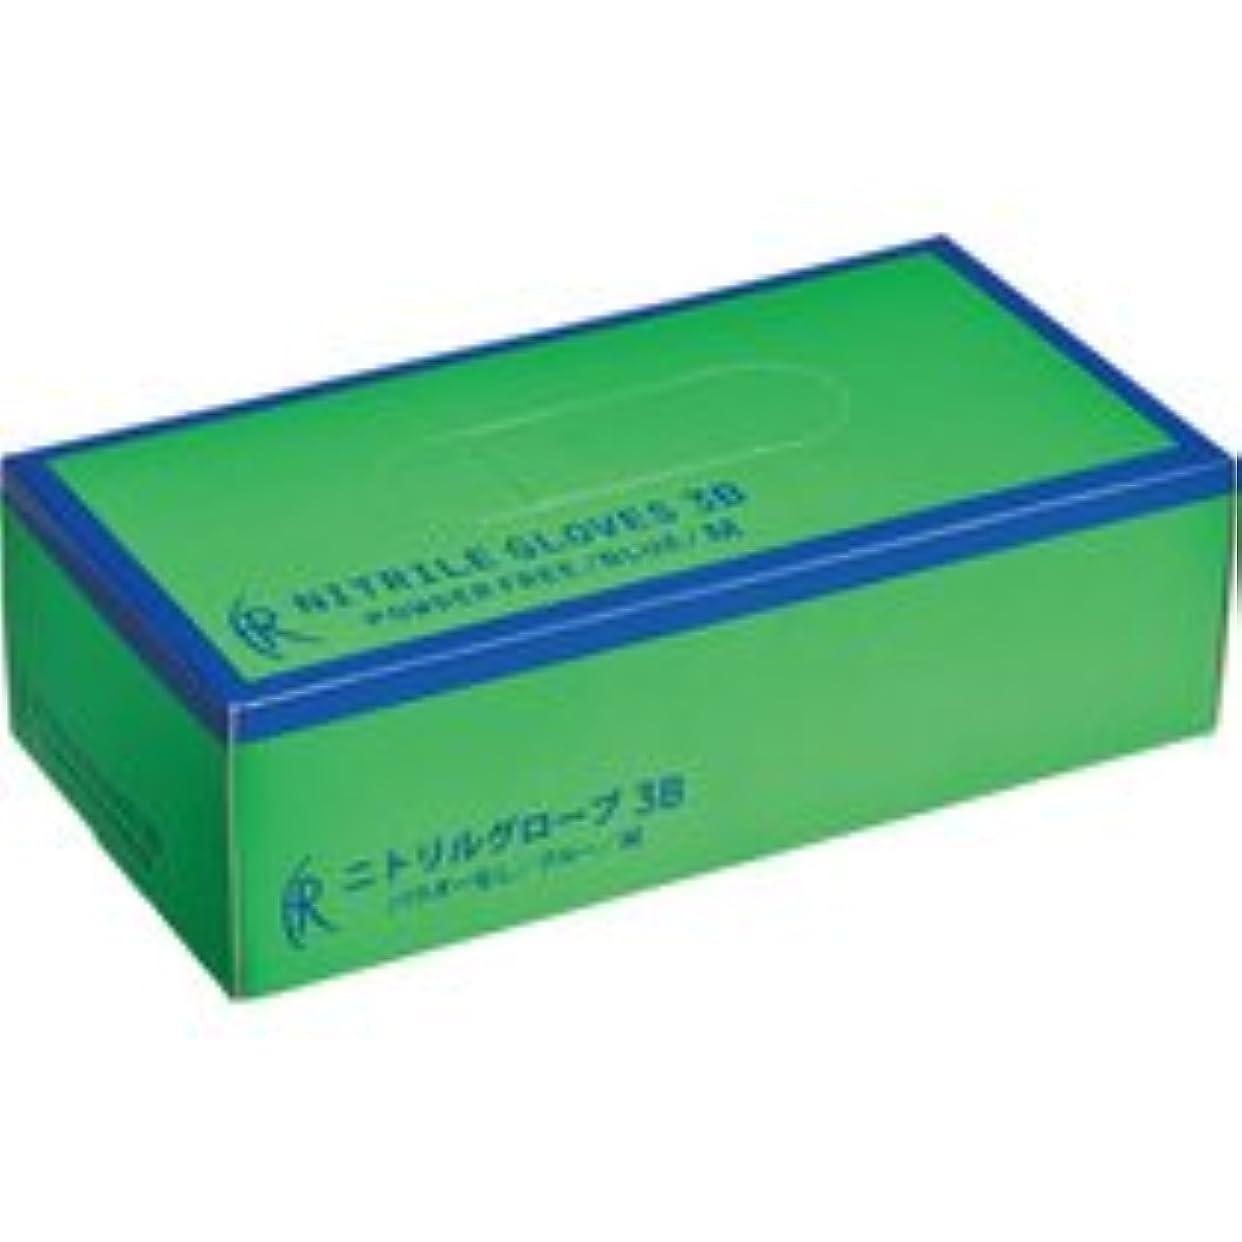 デザート干渉する料理をするファーストレイト ニトリルグローブ3B パウダーフリー M FR-5662 1箱(200枚)